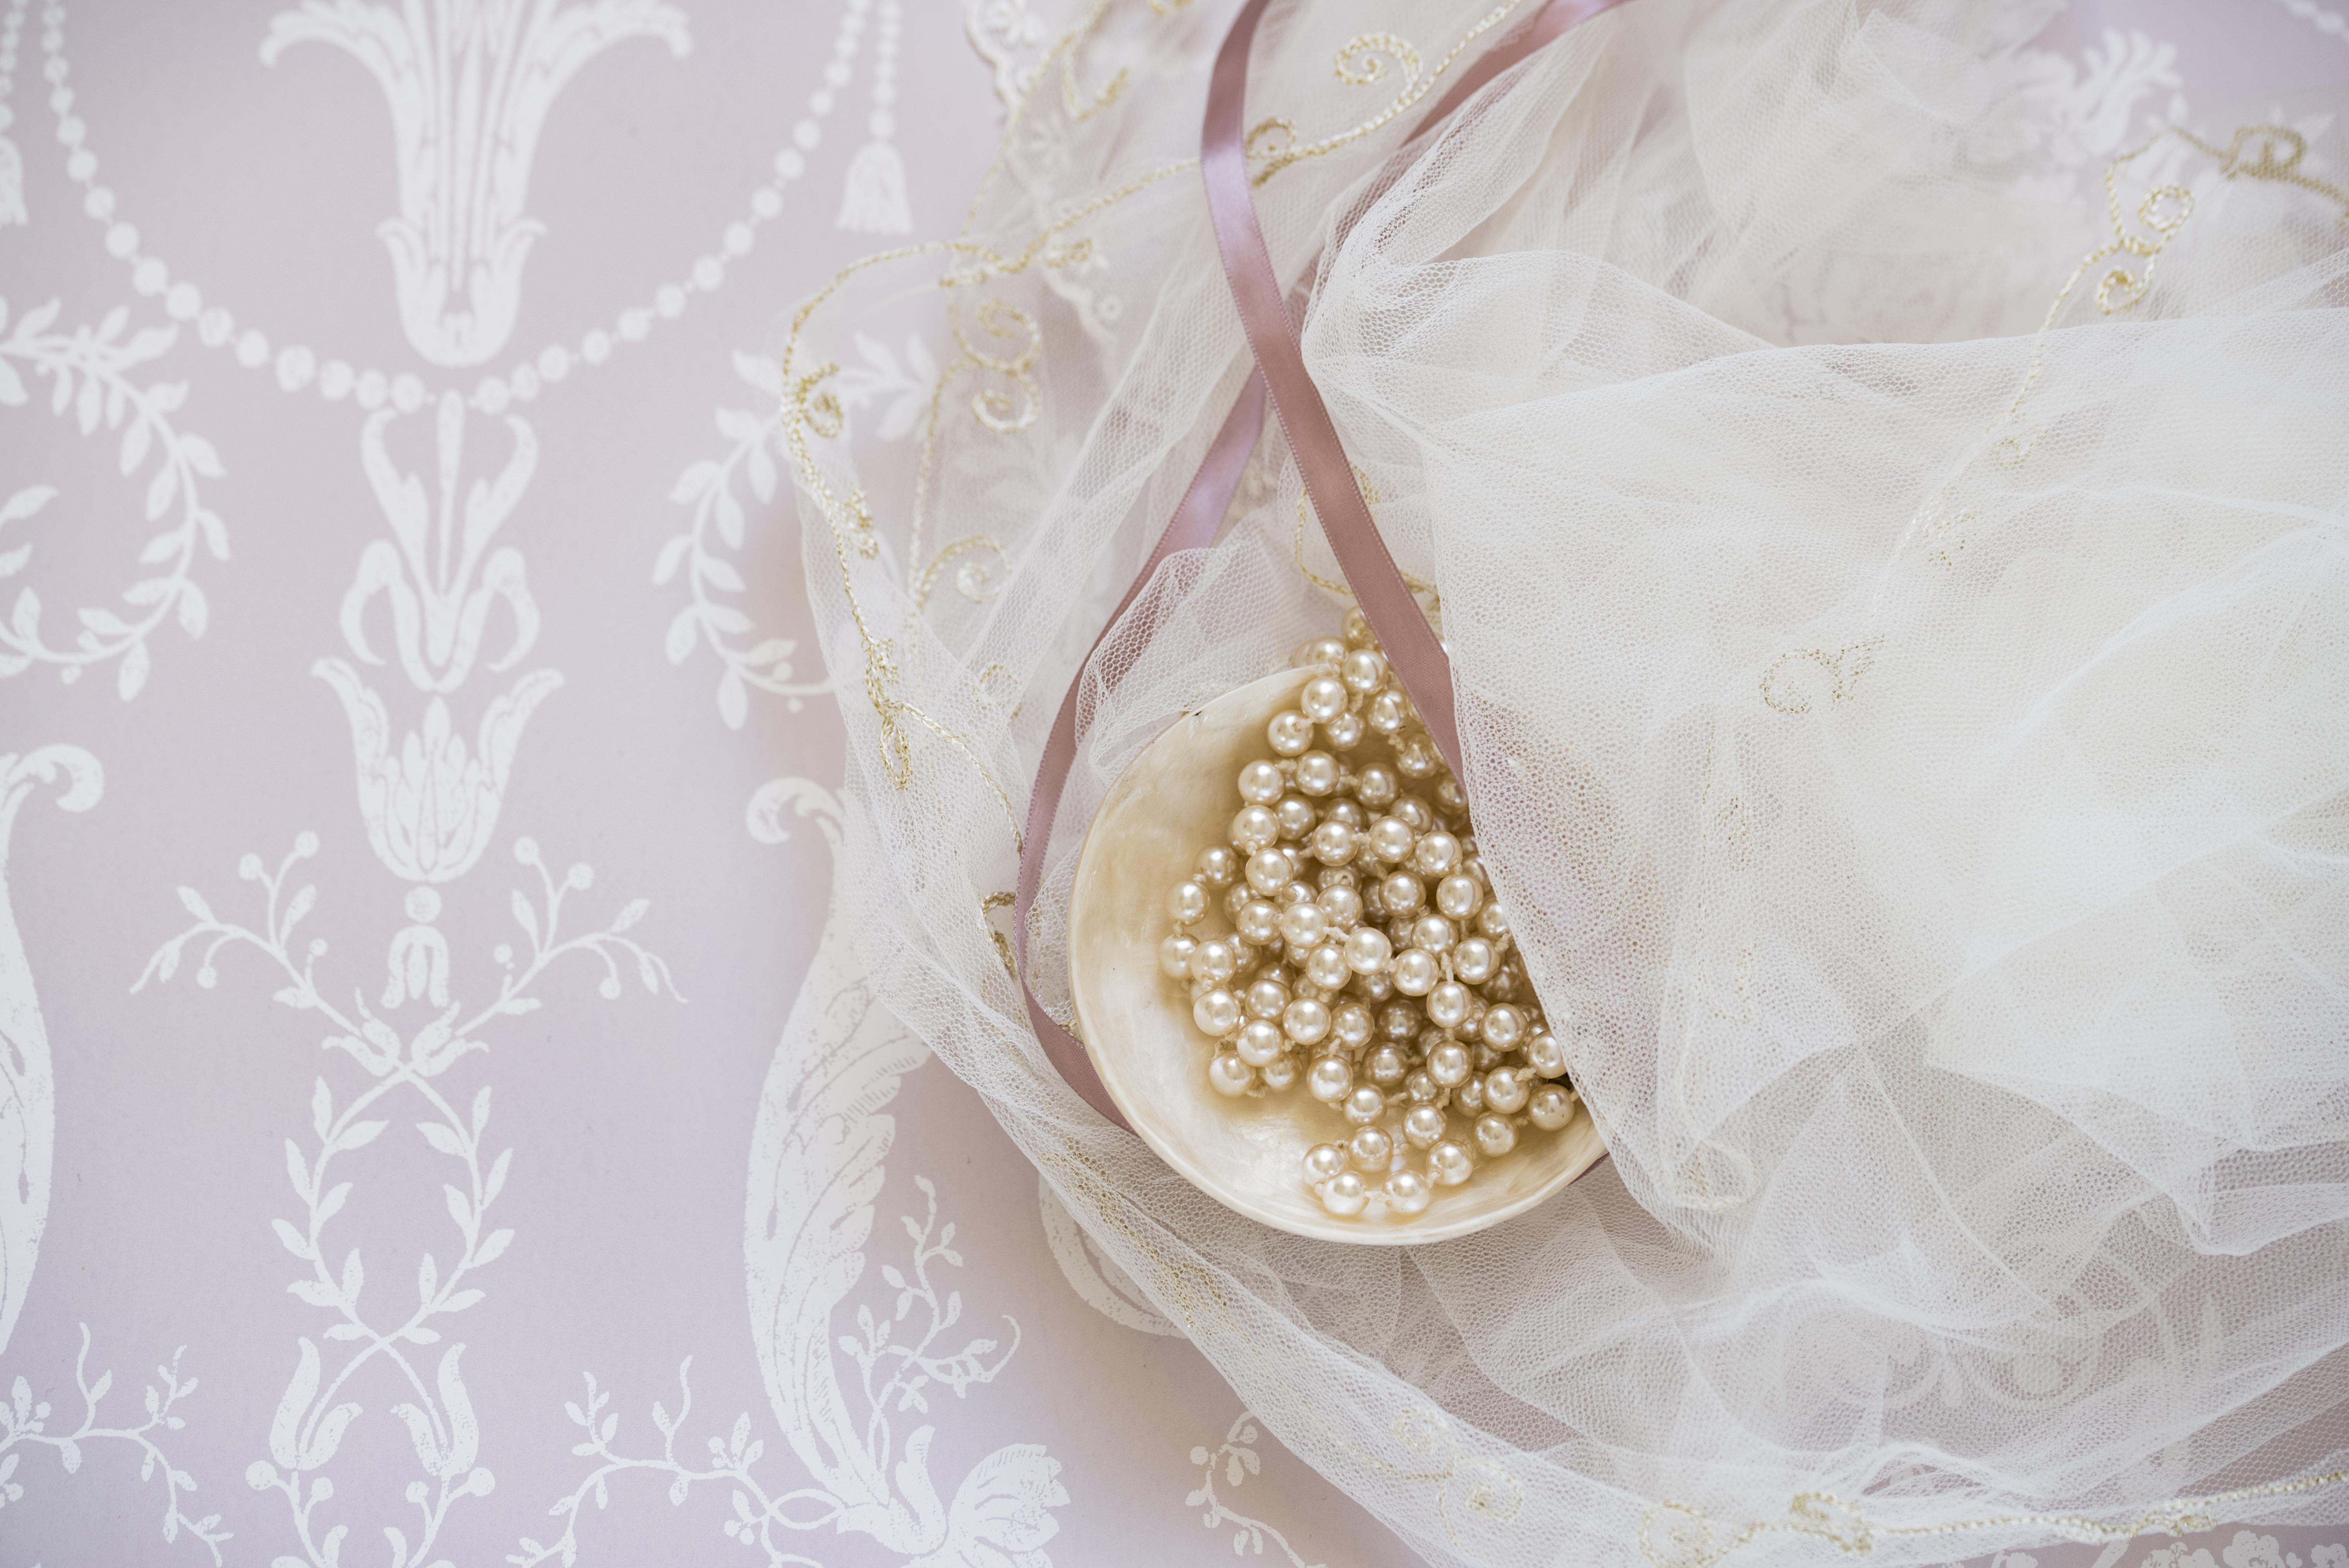 Fotos gratis : flor, pétalo, patrón, cordón, romance, Boda, novia ...